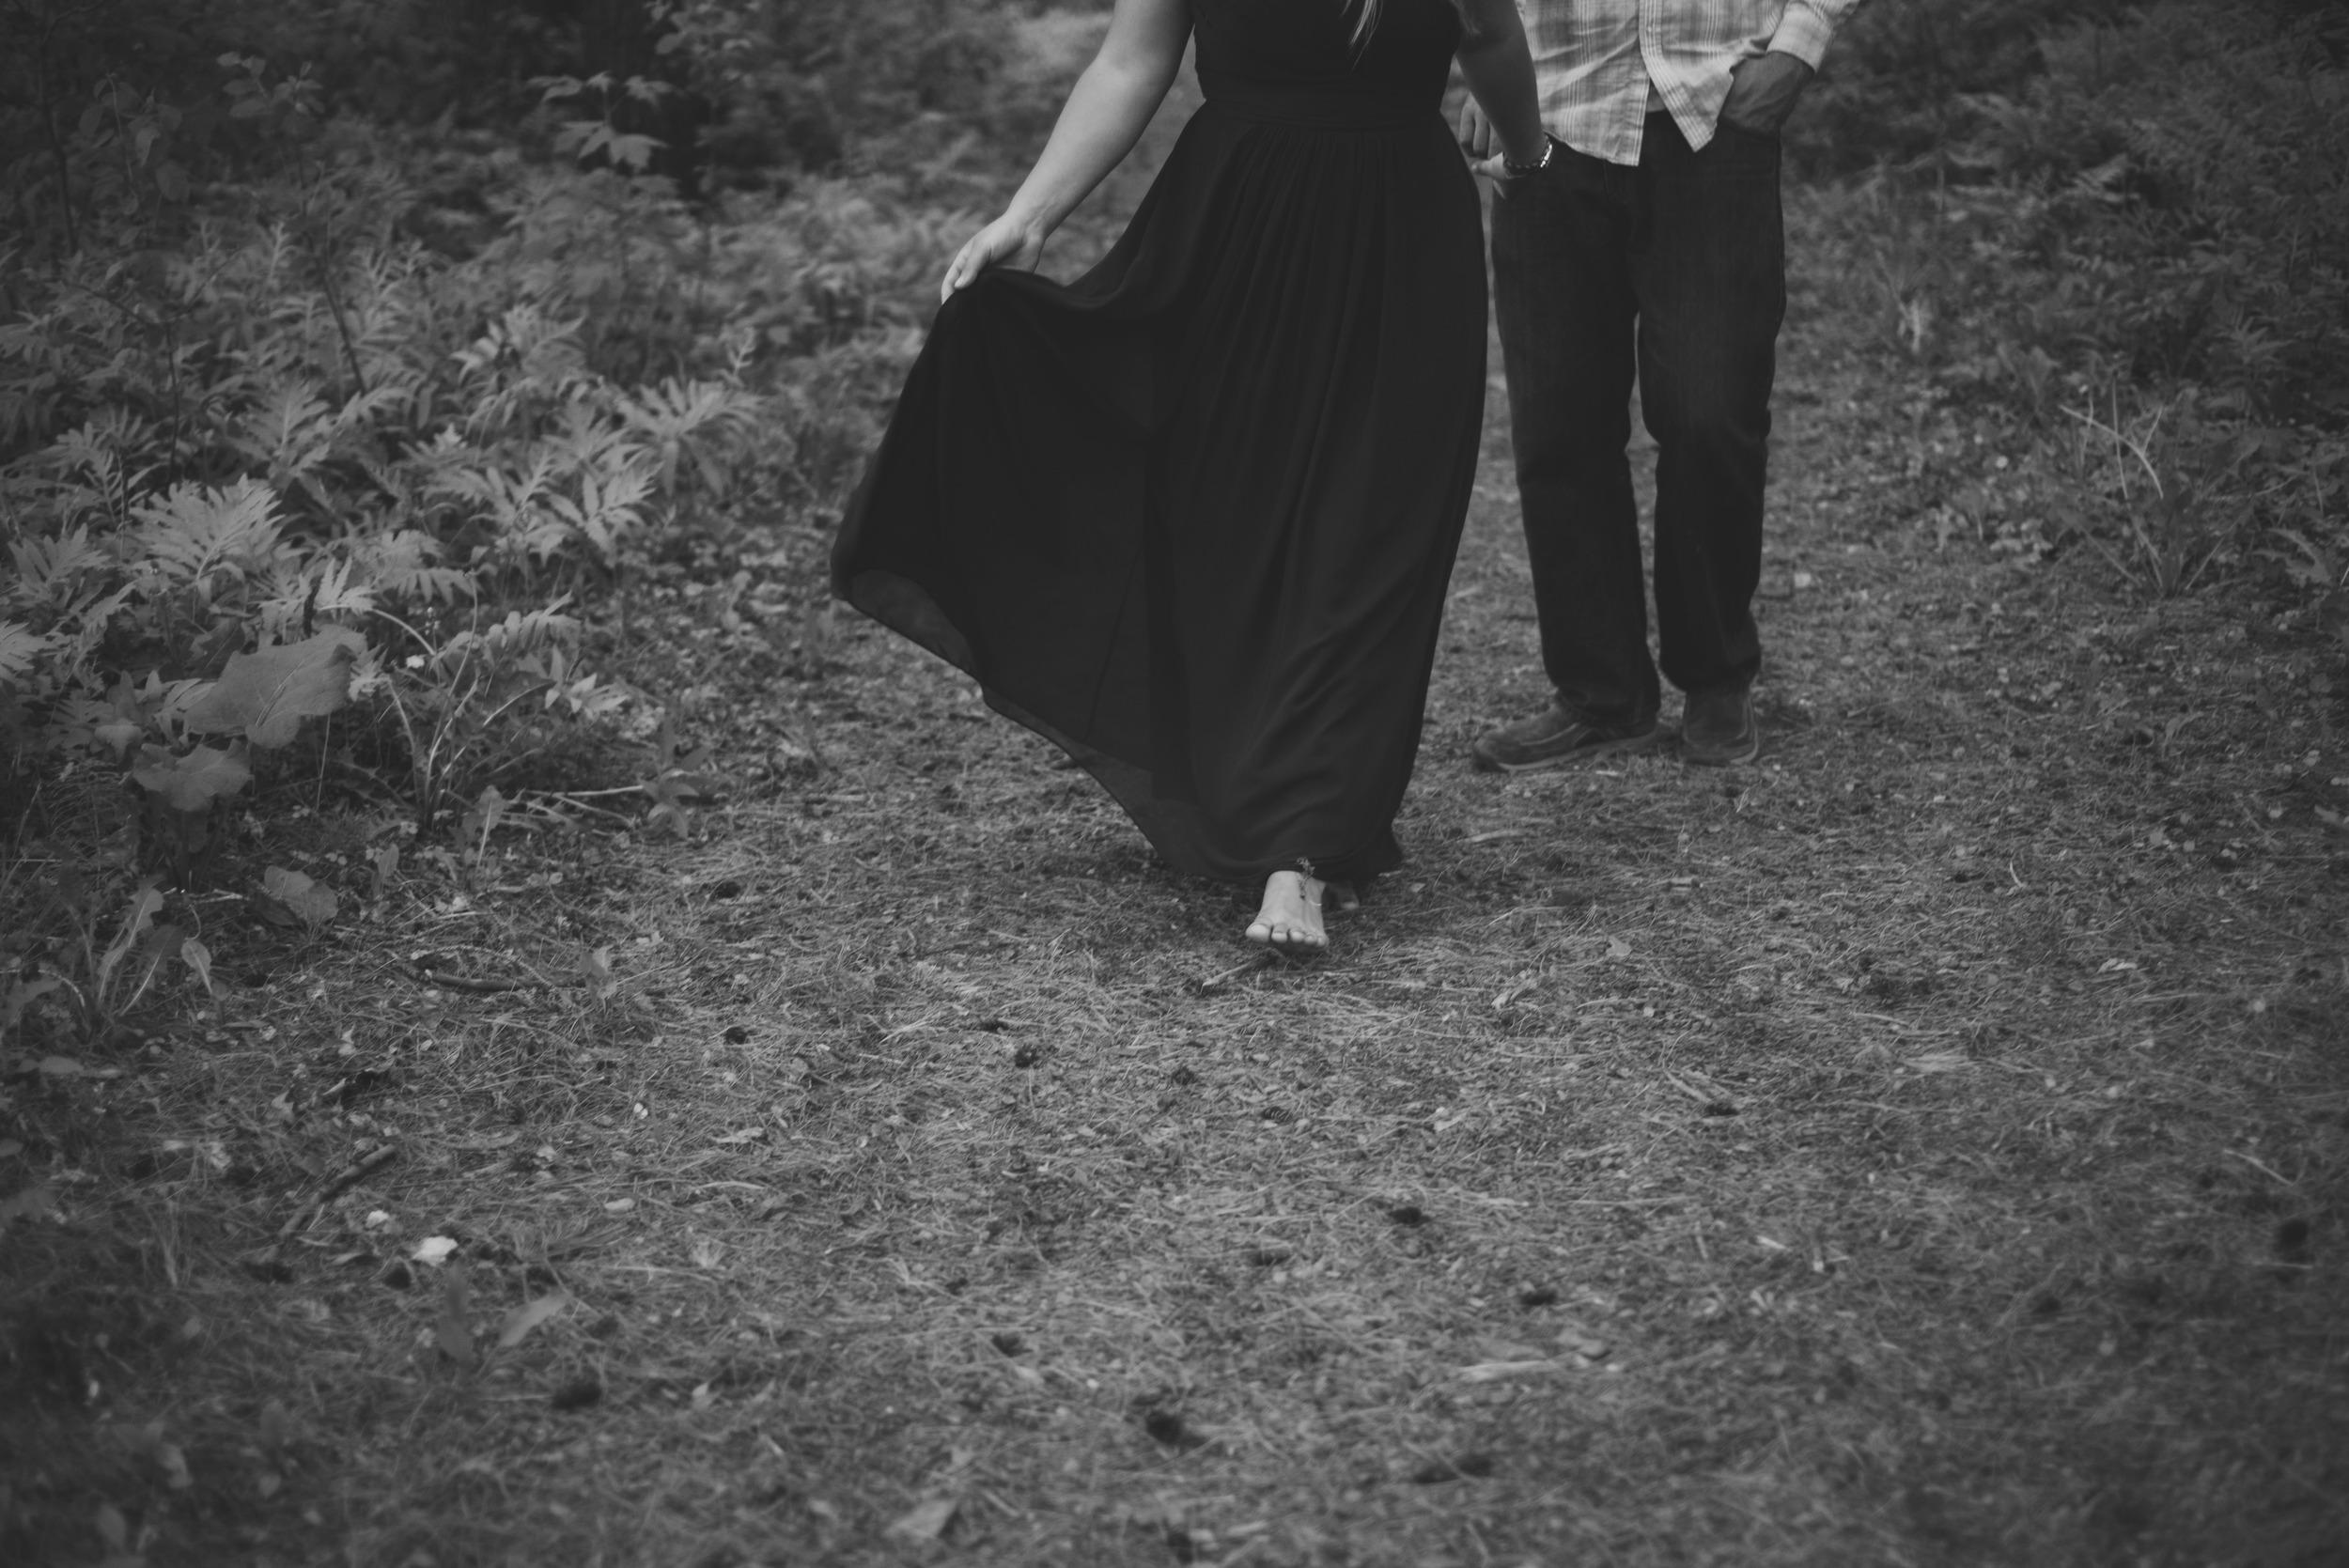 Spencerville_Alabaster Jar Photography (25 of 30)